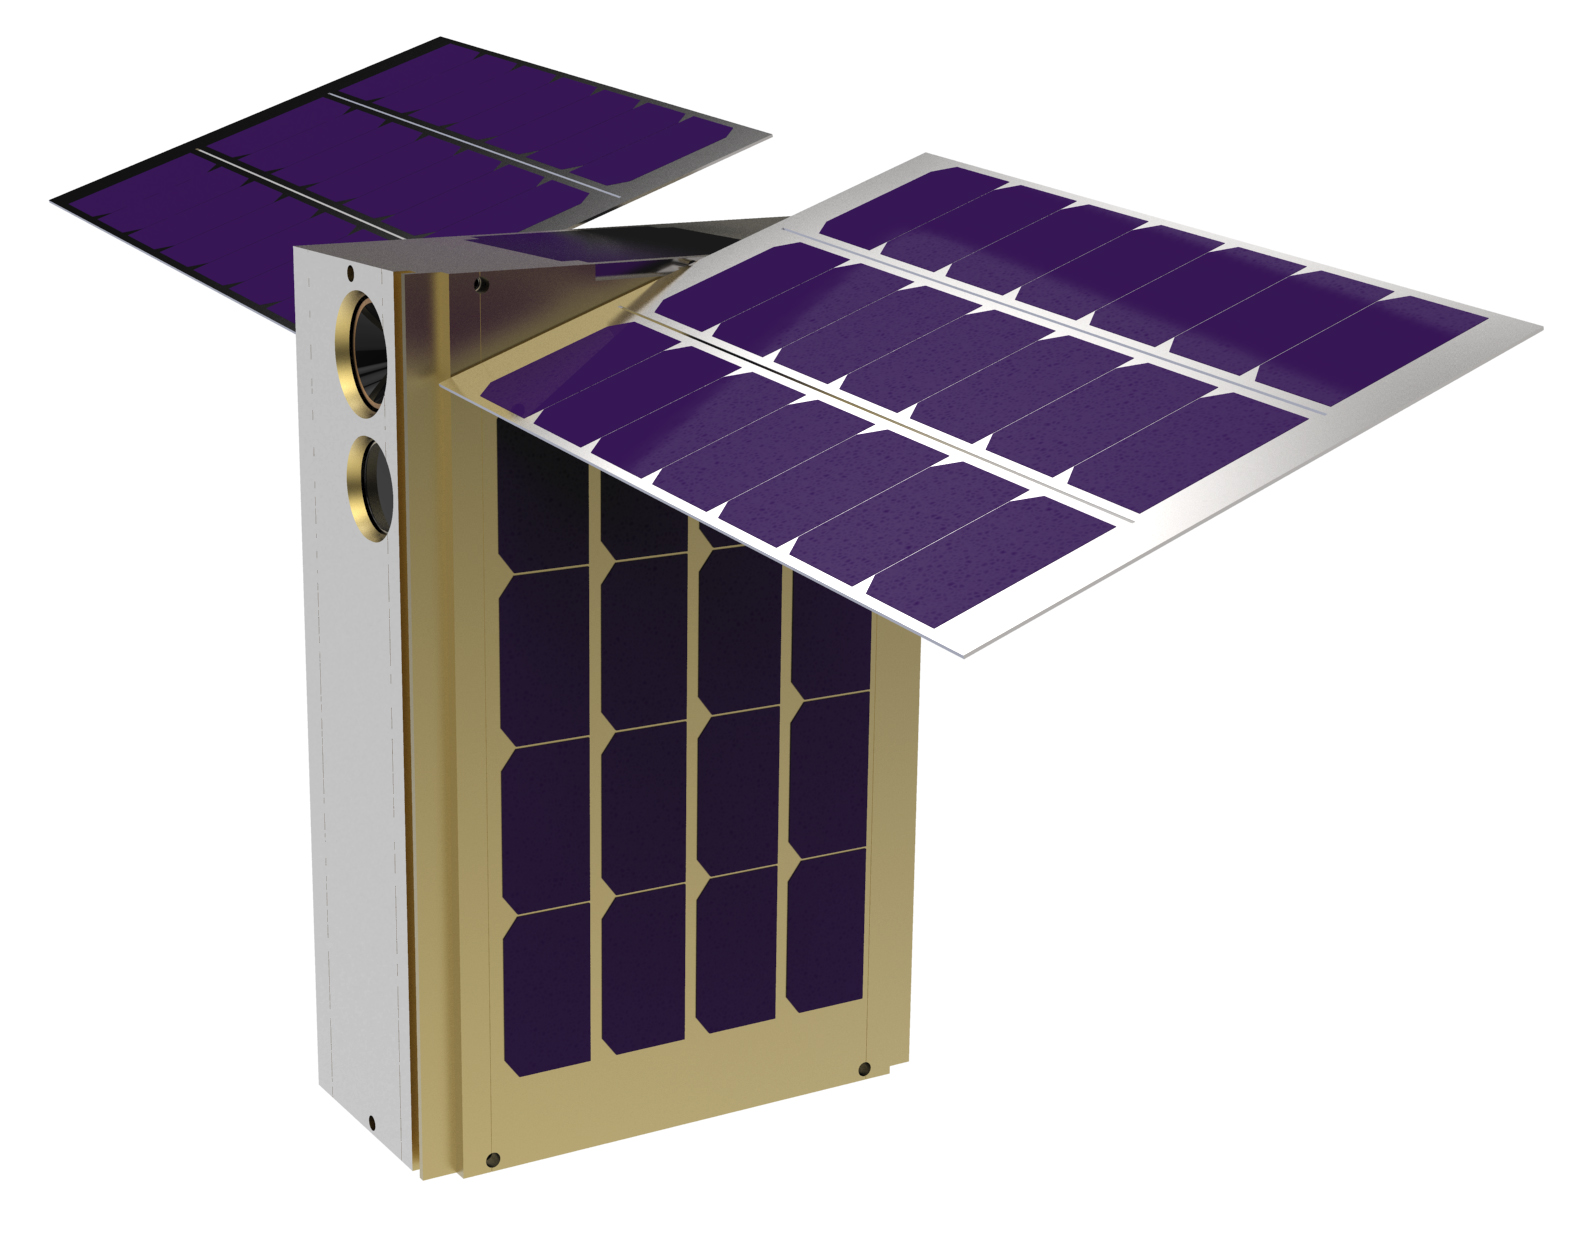 LunaH-Map CubeSat